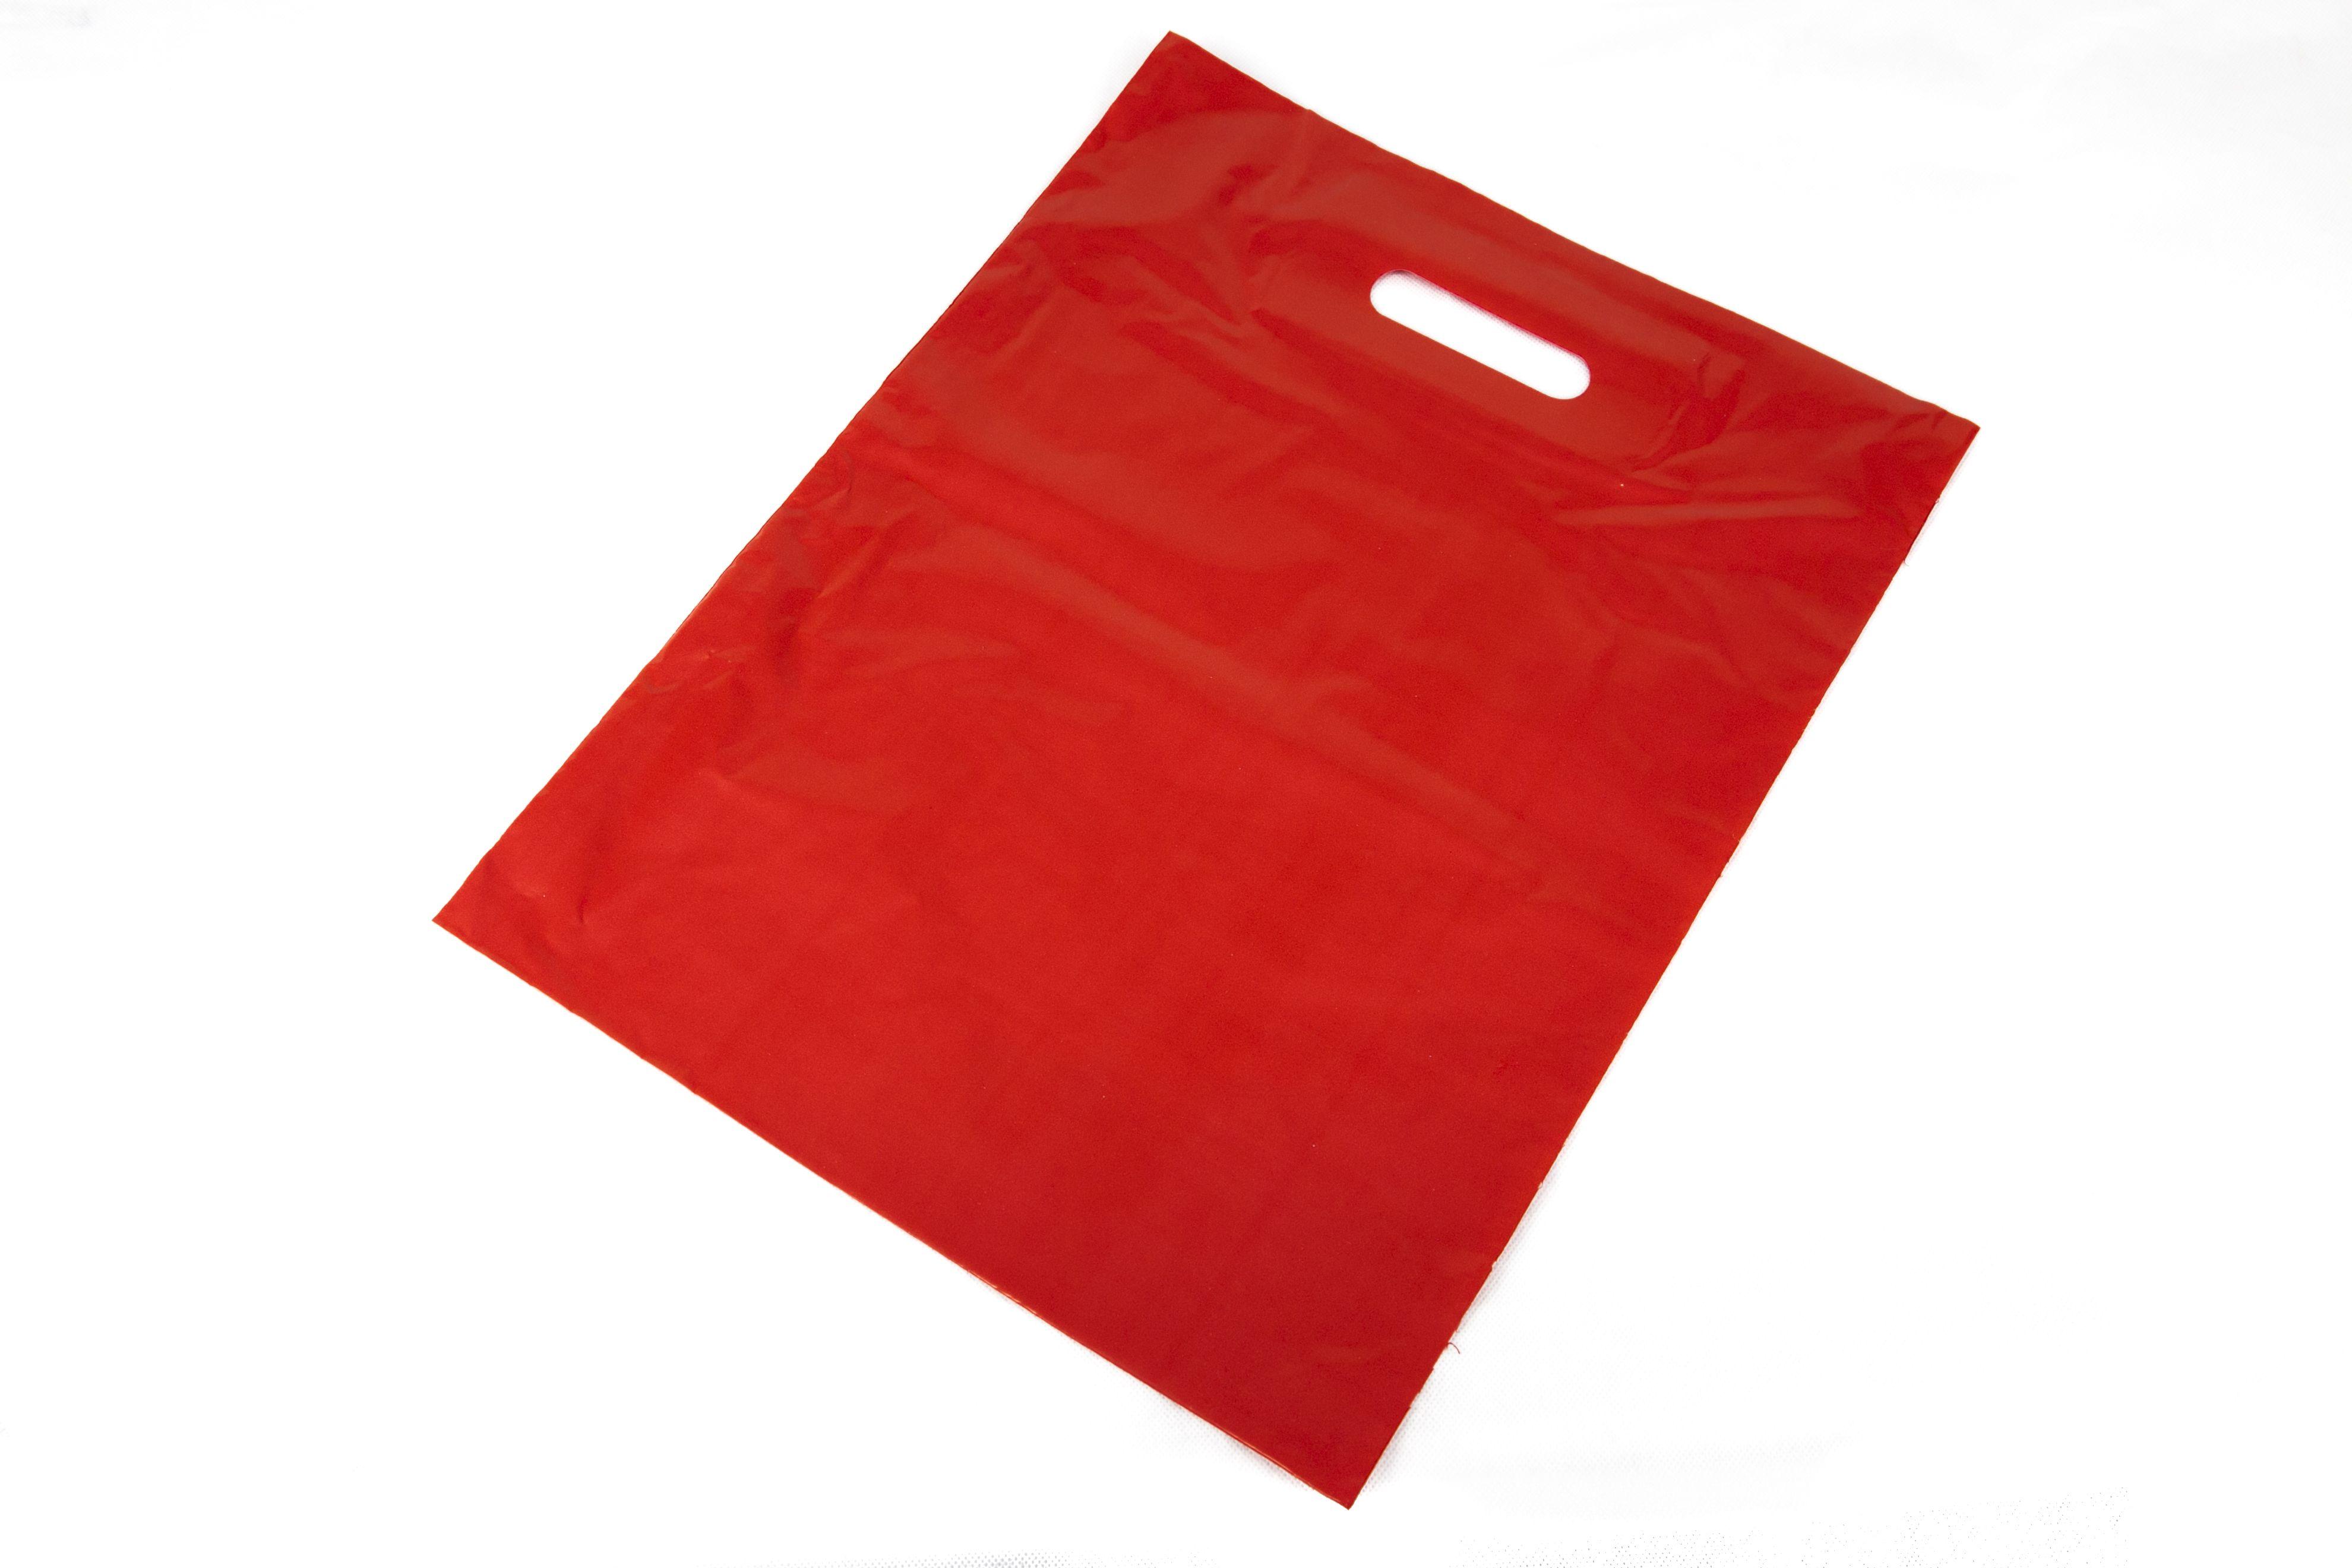 93cefed84 Bolsa de plástico color rojo con asa troquelada. Perfecta para todo tipo de  comercios como